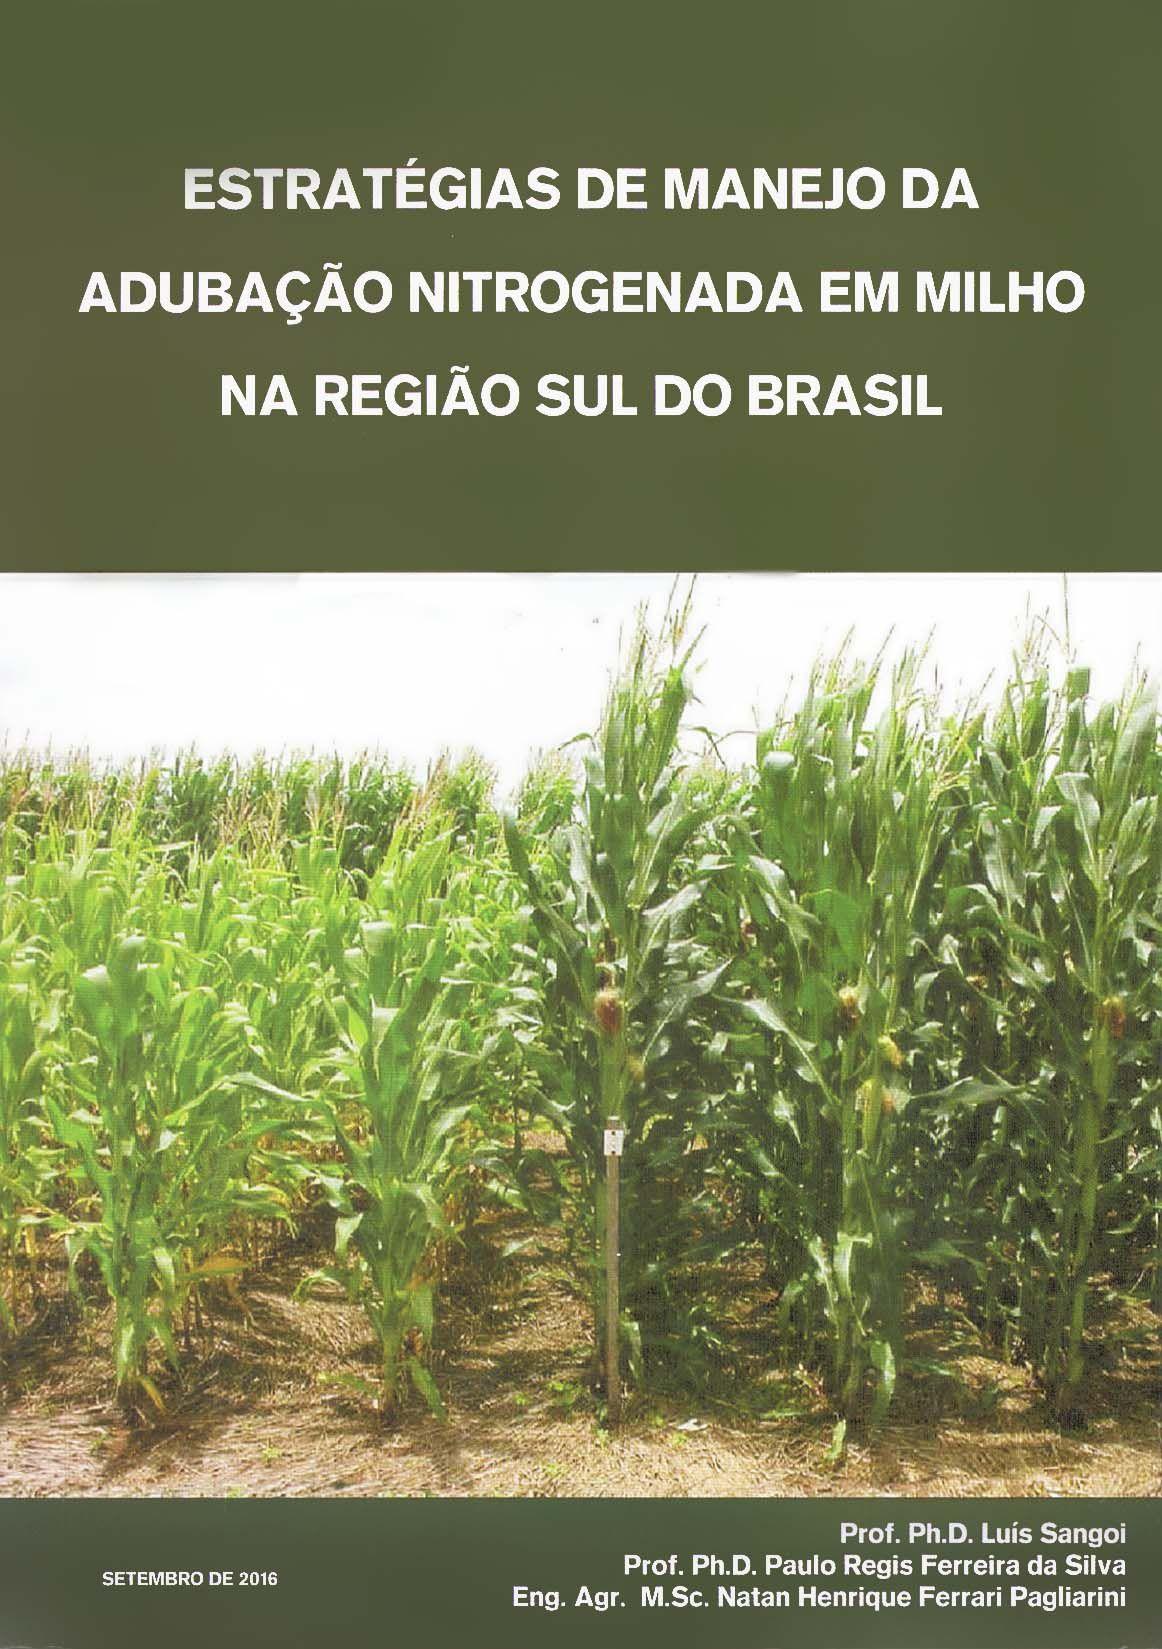 Estratégias de Manejo da Adubação Nitrogenada em Milho na Região Sul do Brasil